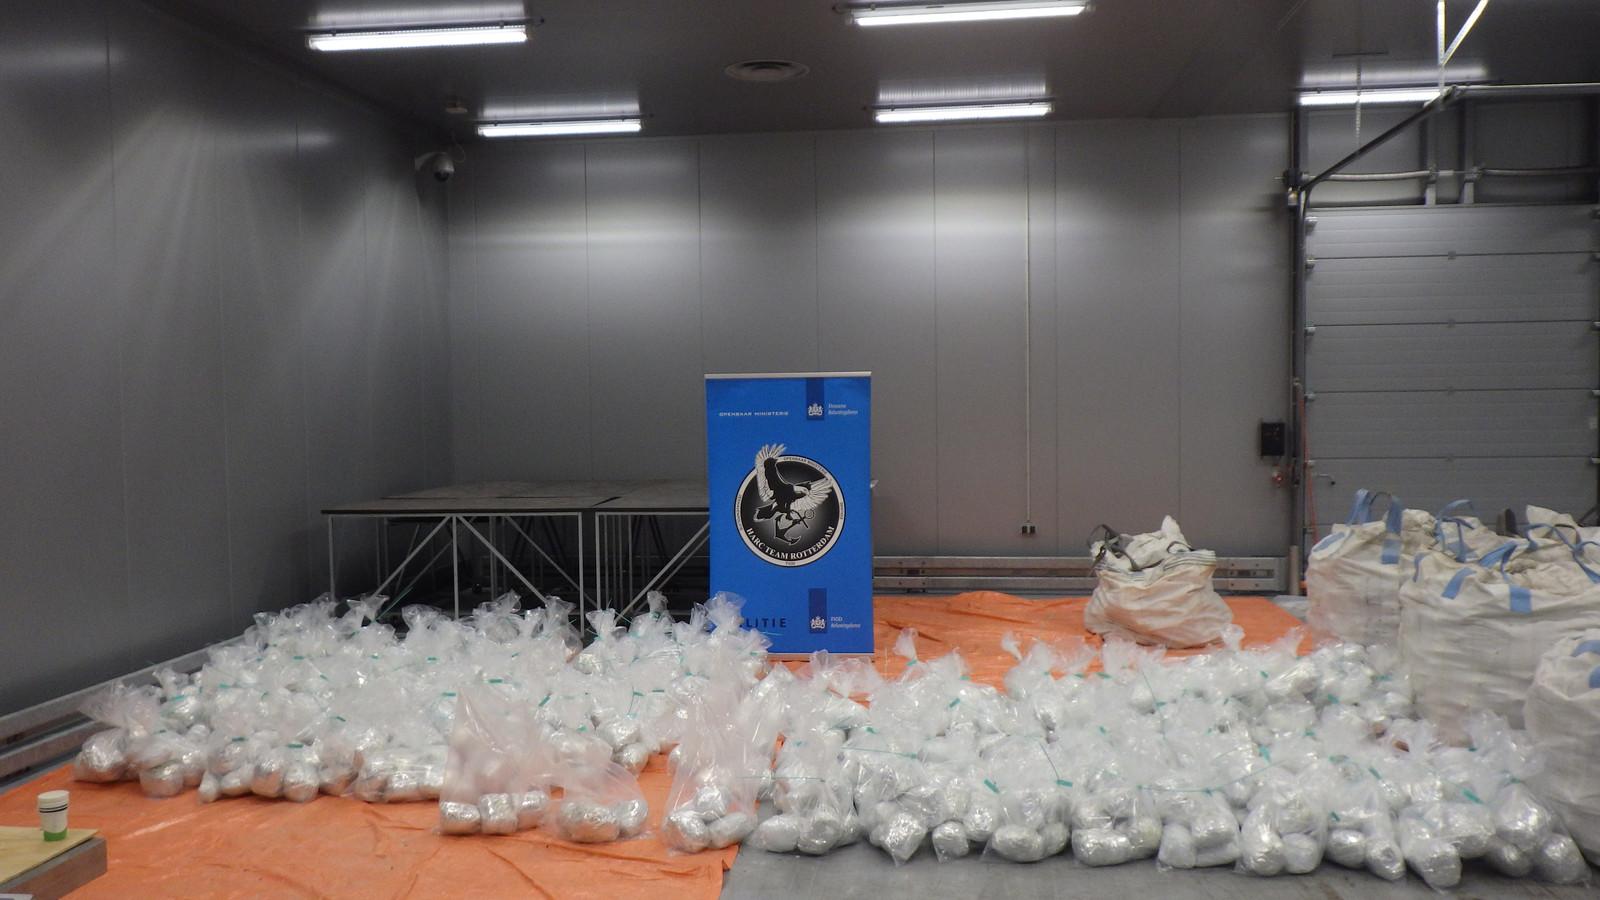 De heroïne werd door de Douane gevonden in een container gevuld met Himalayazout uit Pakistan.